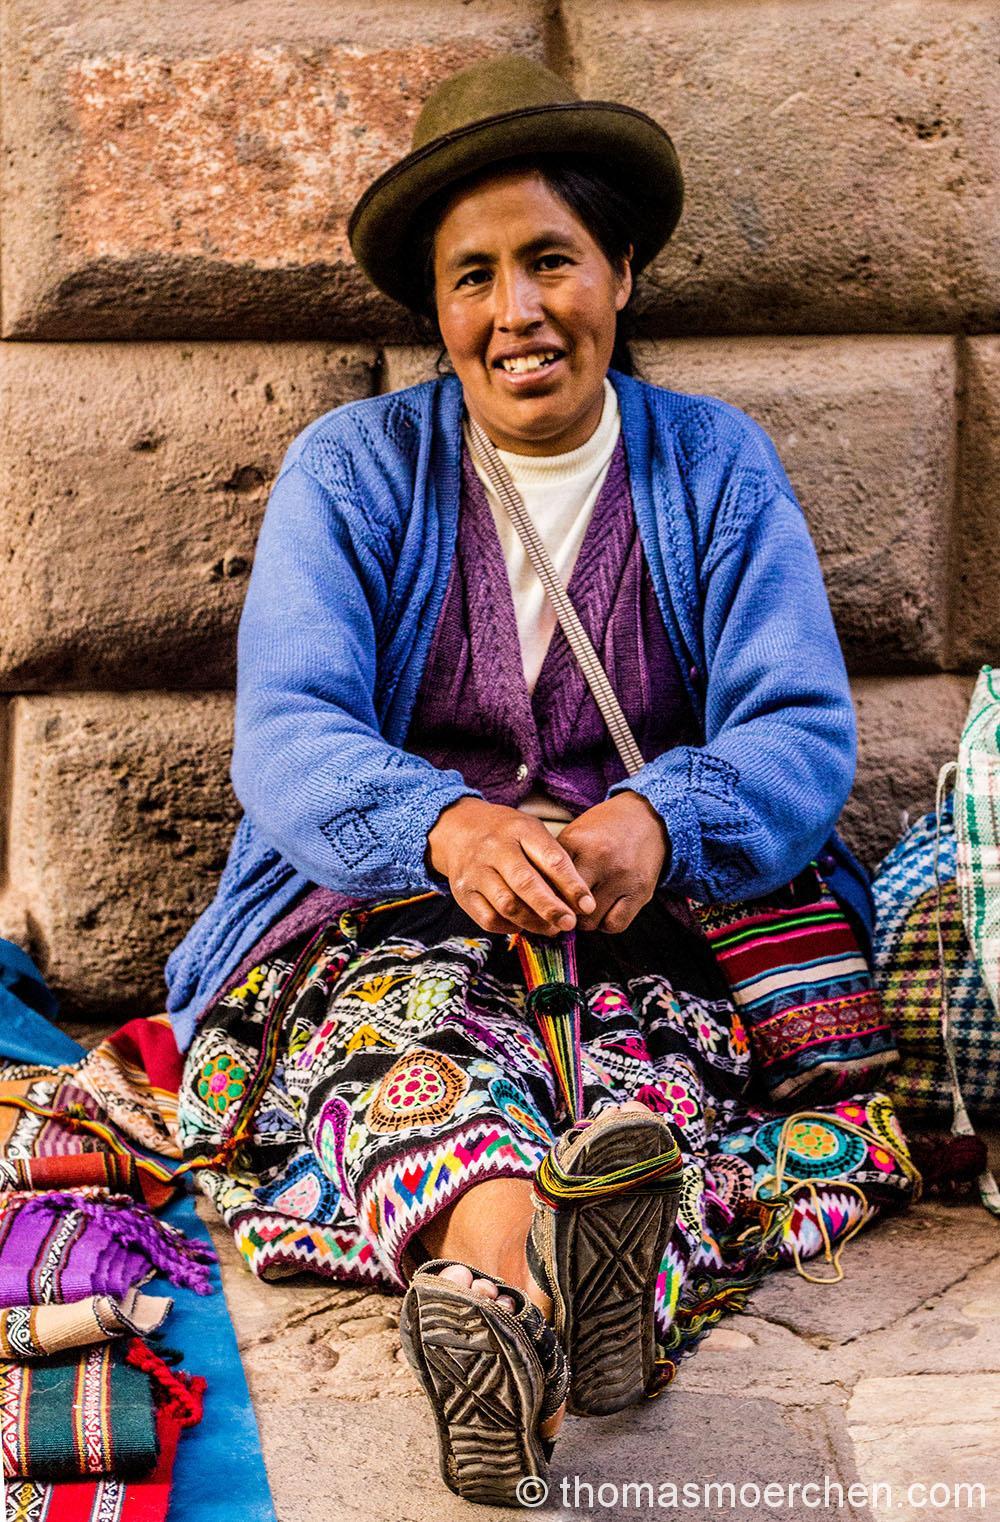 Traditionelle Weberinnen gibt es tatsächlich noch sehr viele in Peru